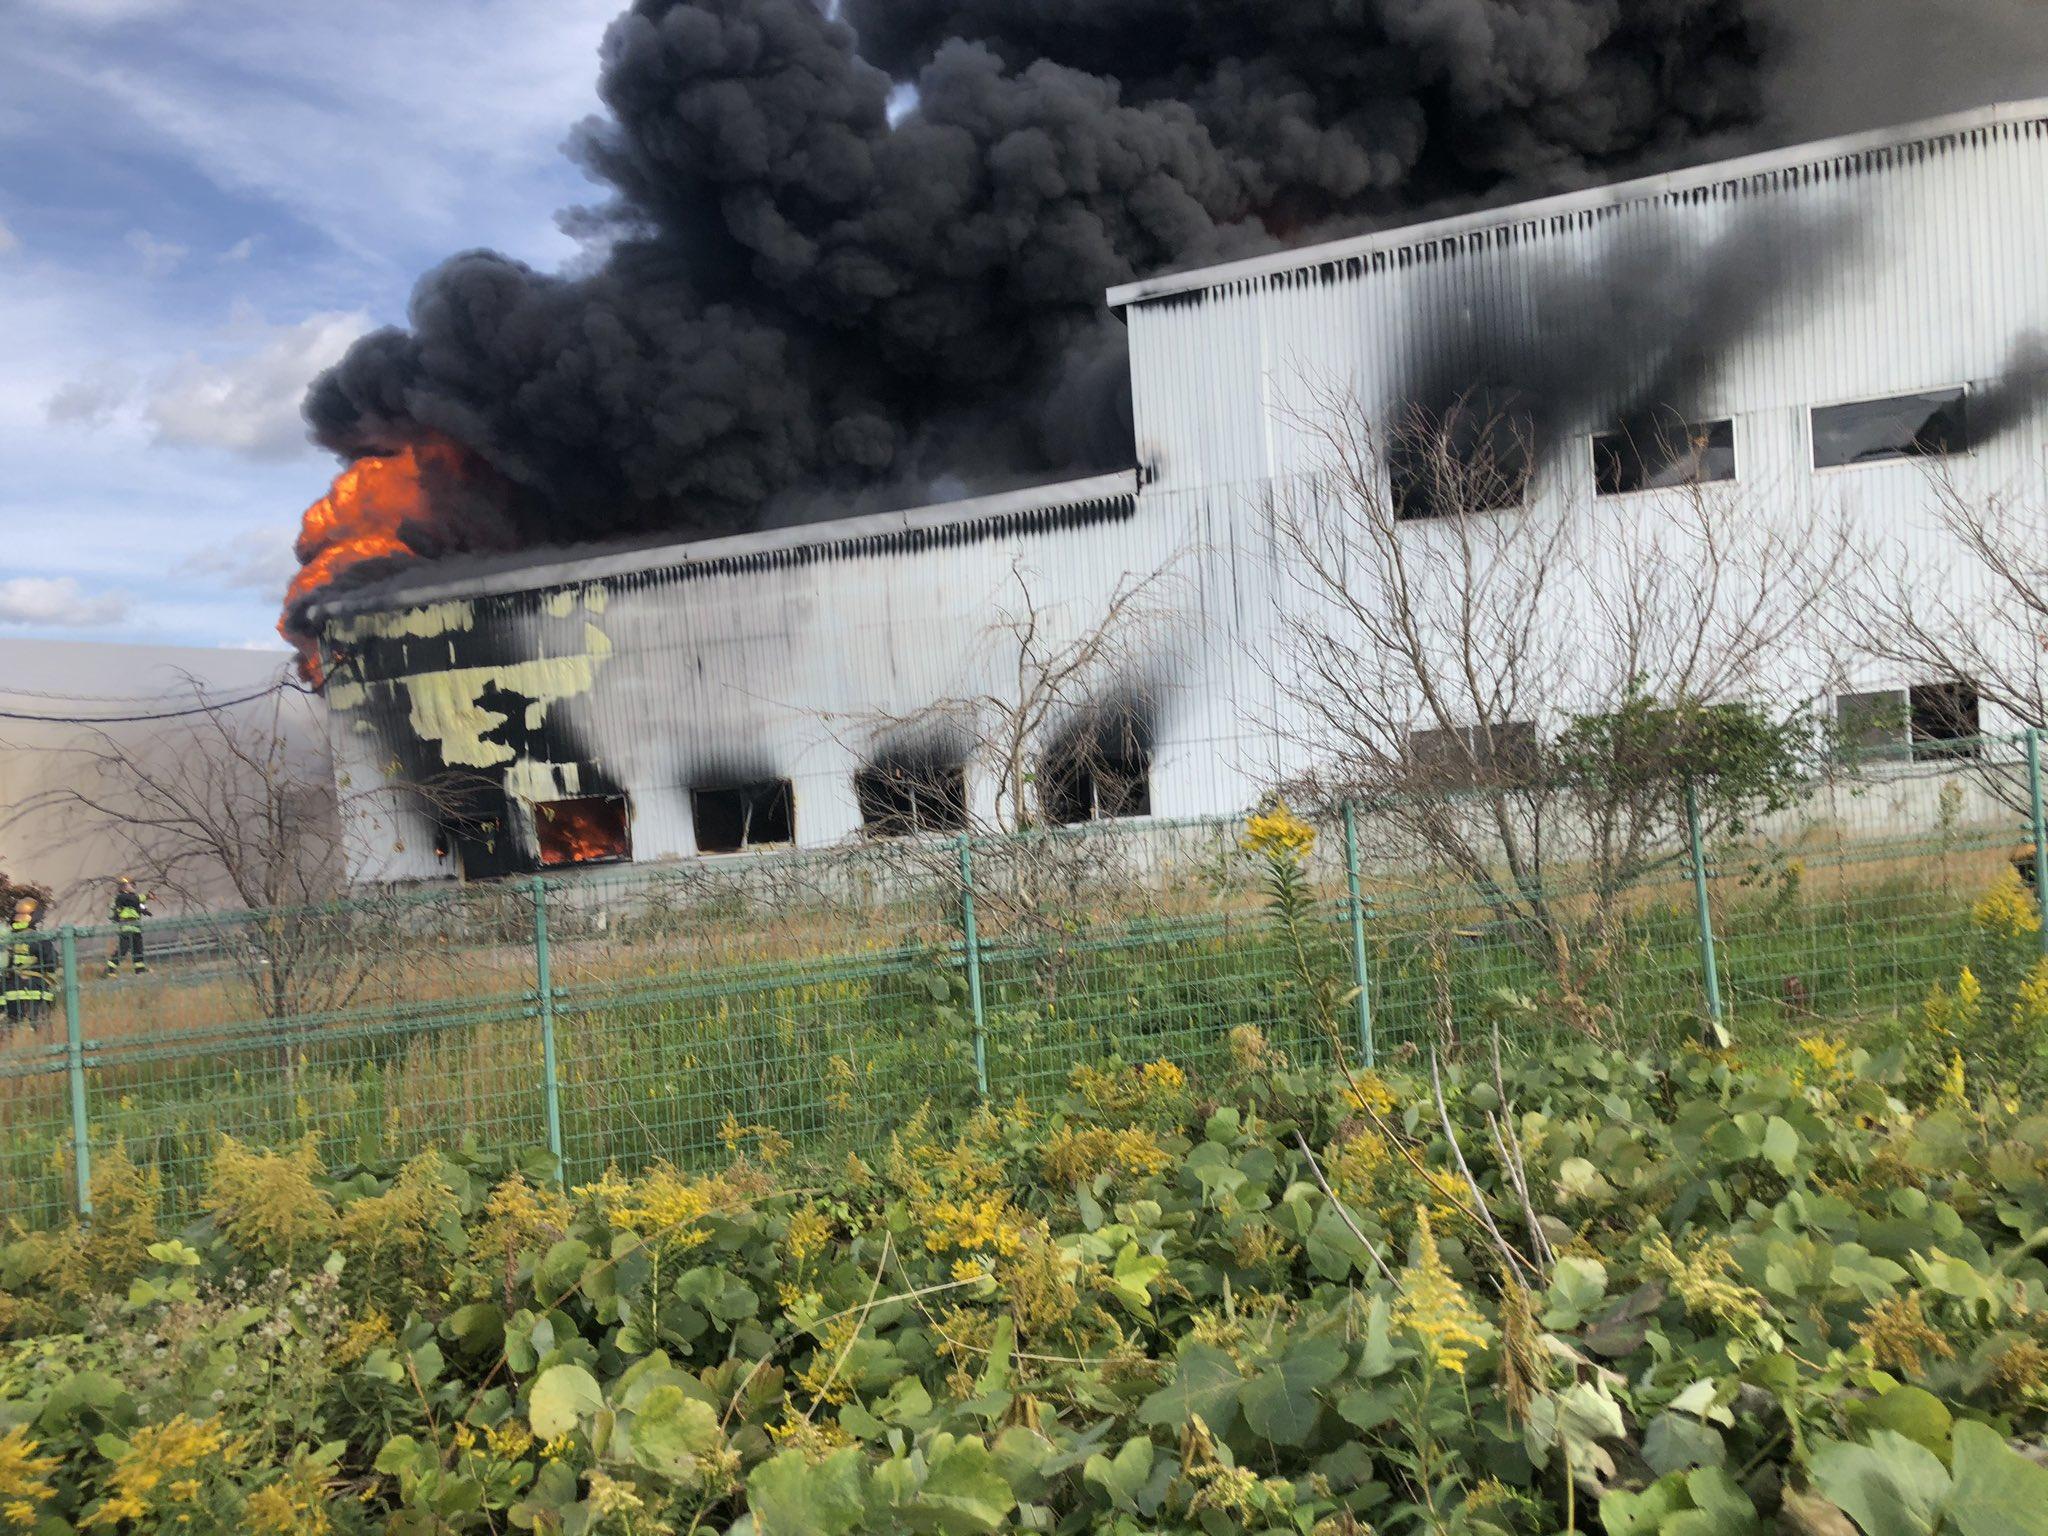 鳥取市船木の津ノ井工業団地の工場が火事になっている画像